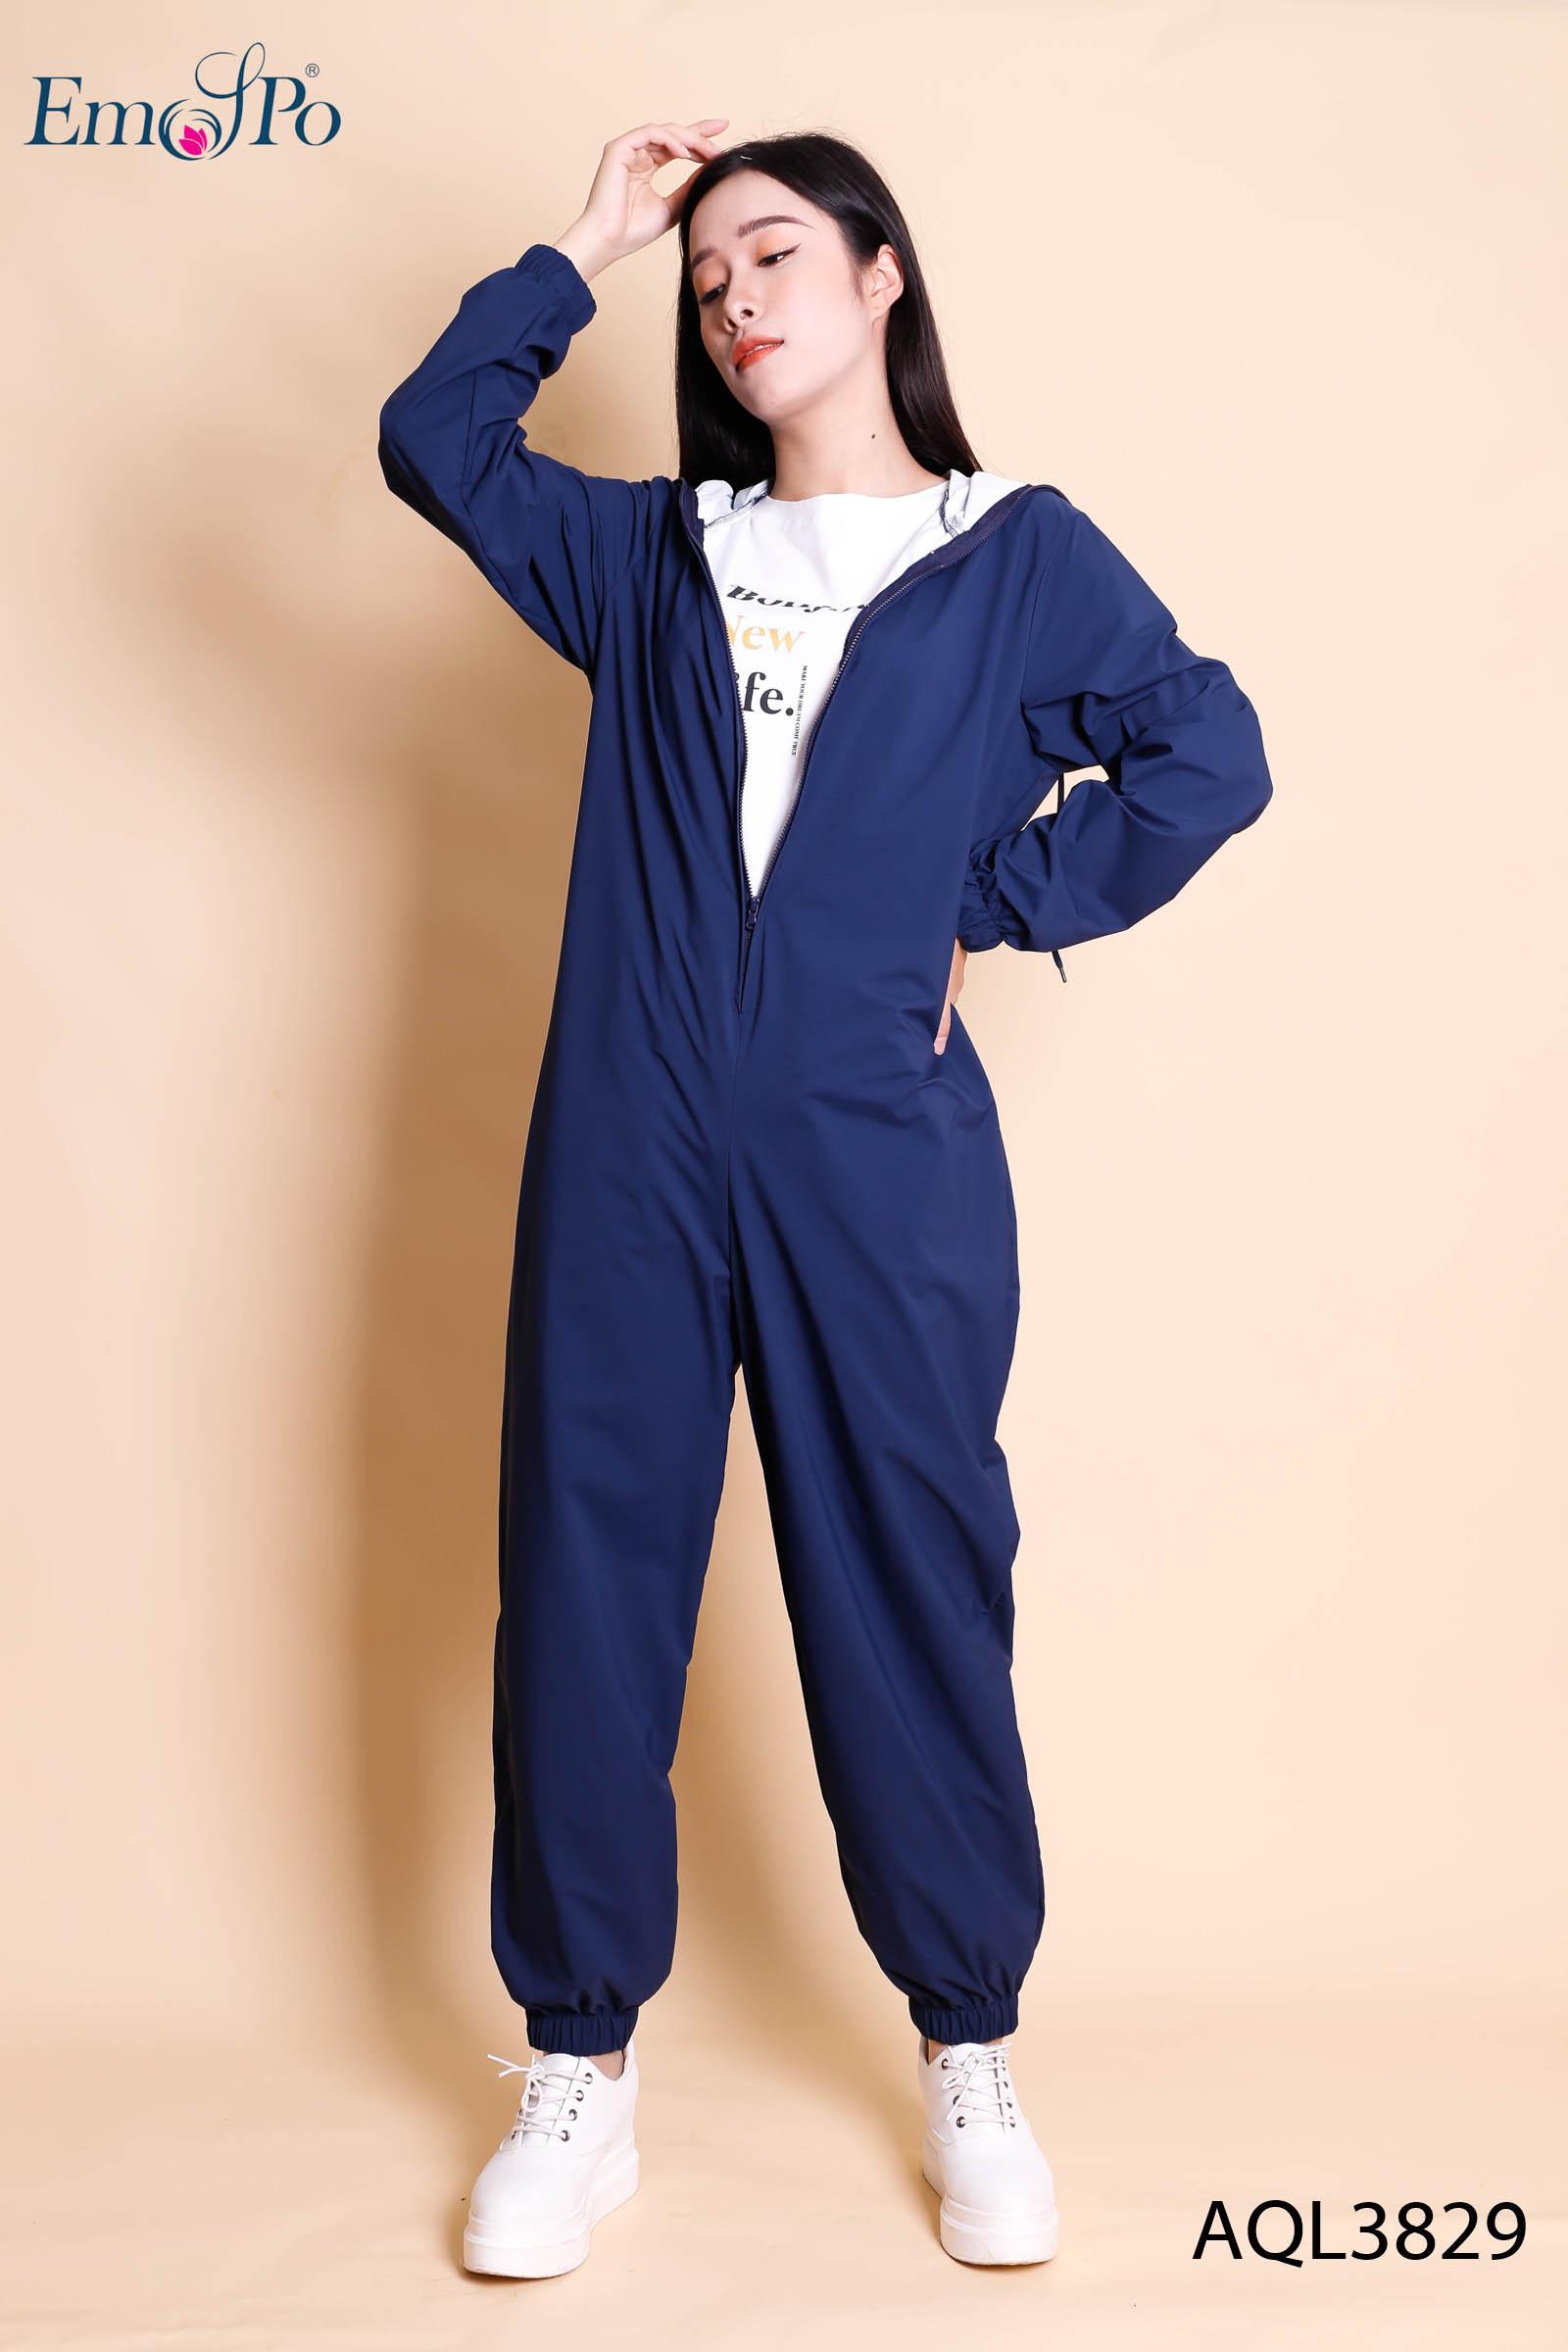 jumpsuit-bao-ho-aql3829